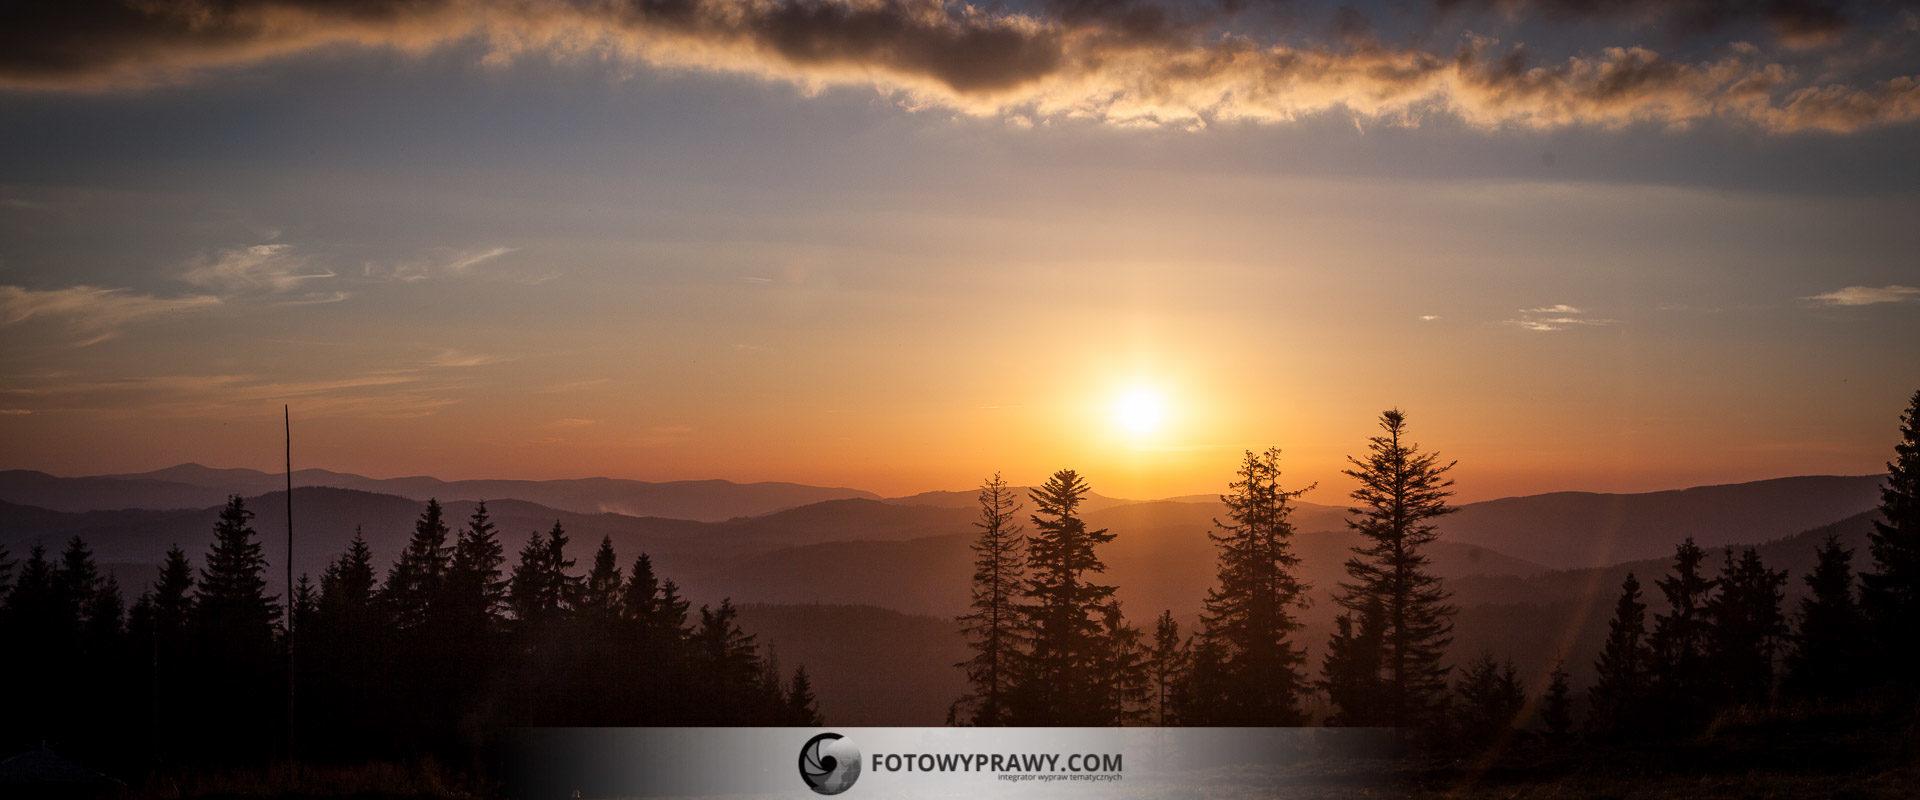 Gdzie na zachód słońca w Beskidach - Krawców Wierch | Fotowyprawy.com